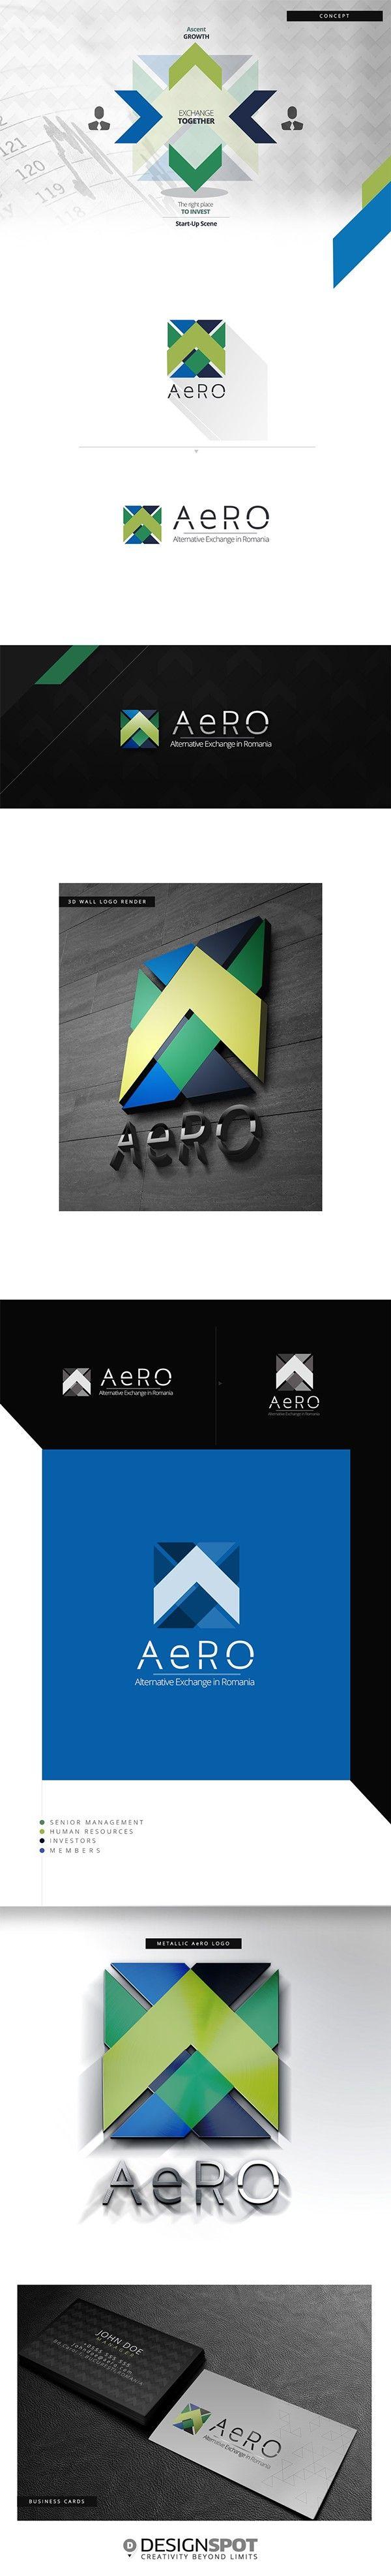 AeRO Logo design for BVB